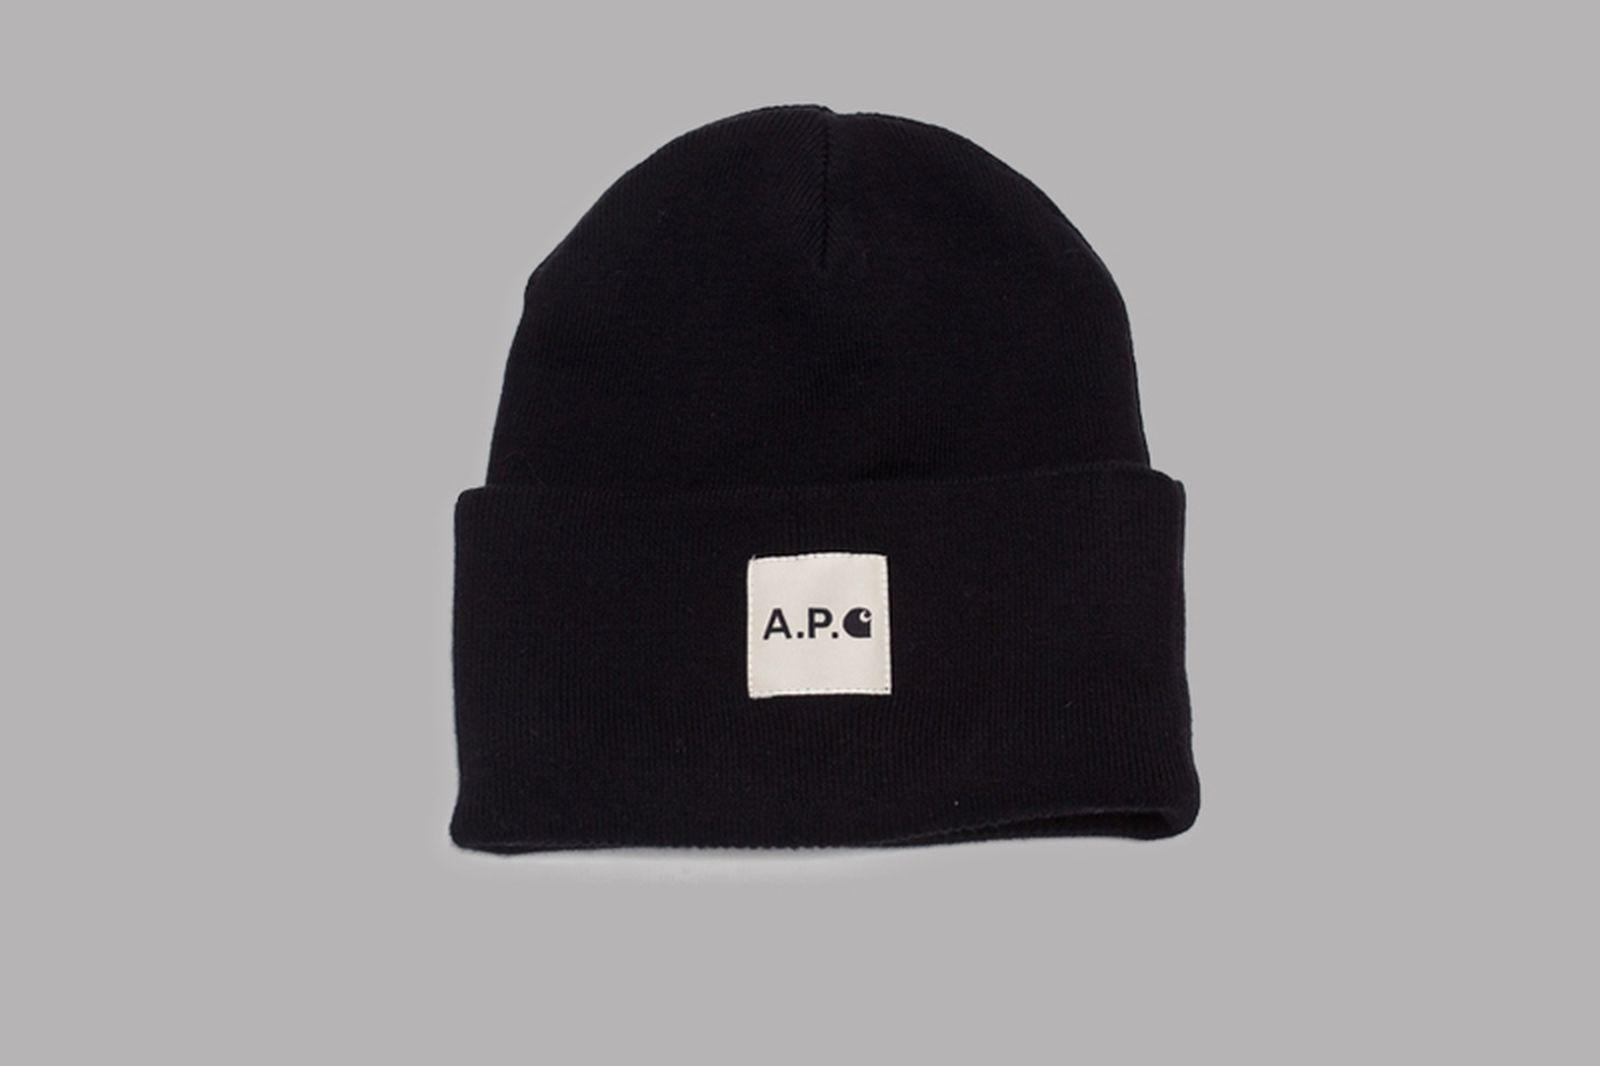 APC-carhartt-beanie-cashmere